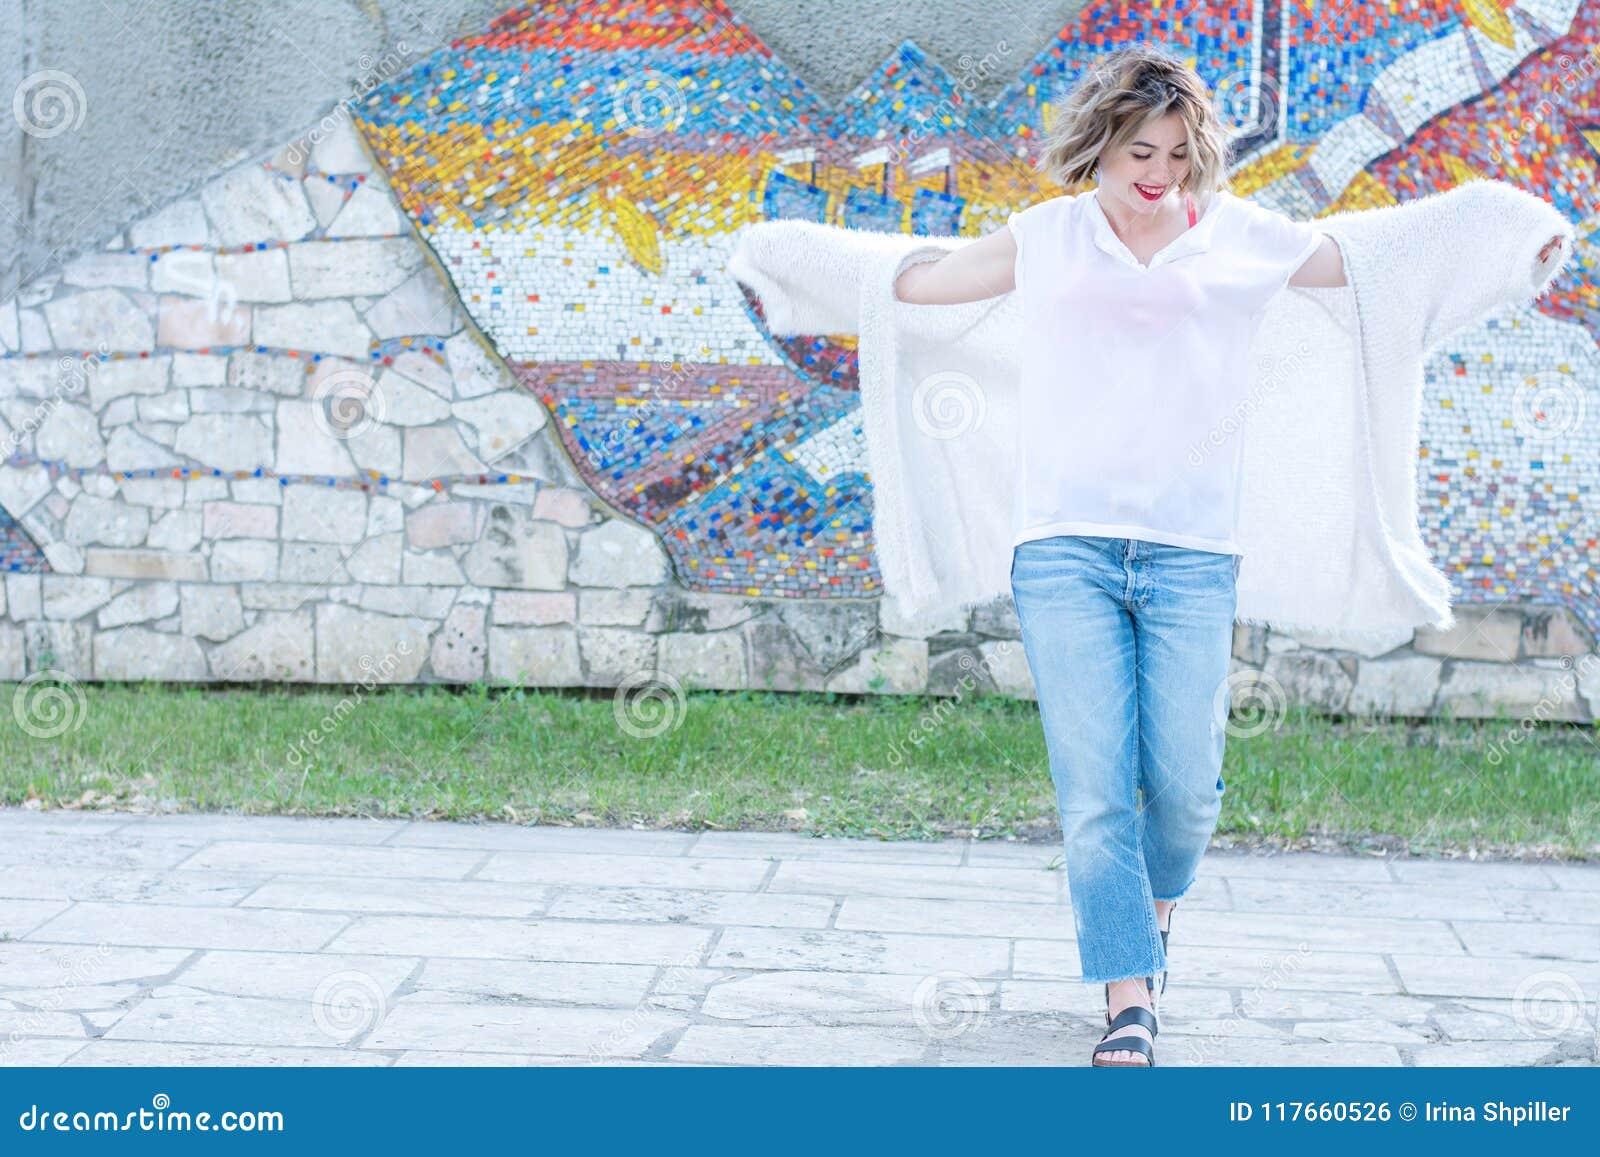 Молодая привлекательная женщина с красными губами в белый представлять вскользь одежд идя в улице